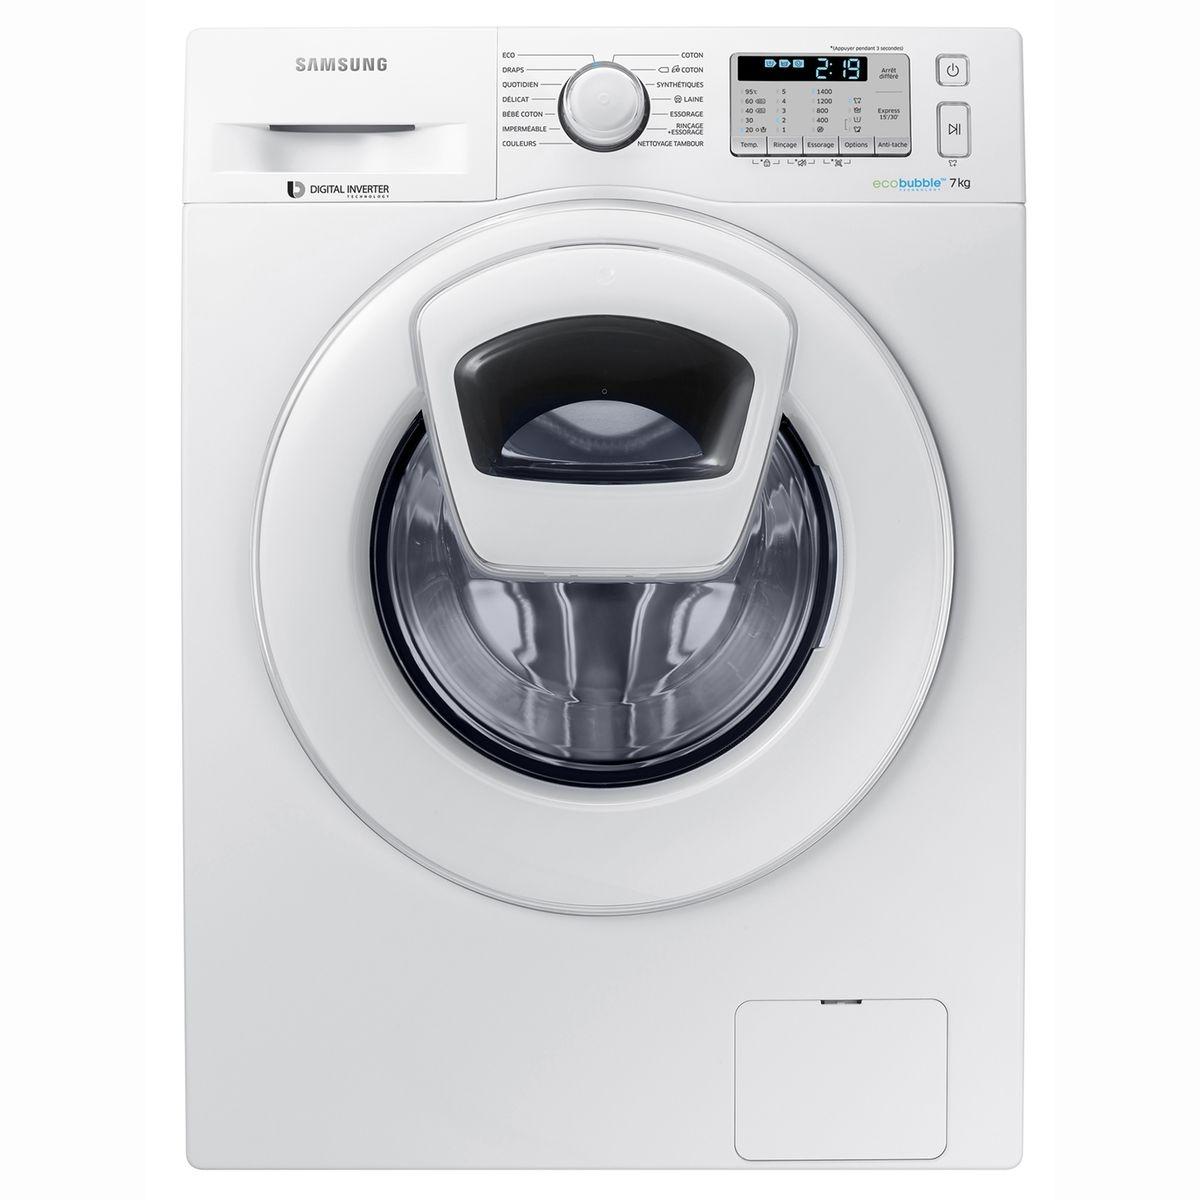 Entretien Du Lave Vaisselle lave linge mwc120 1x wpro mwc120 wpro entretien lave-linge